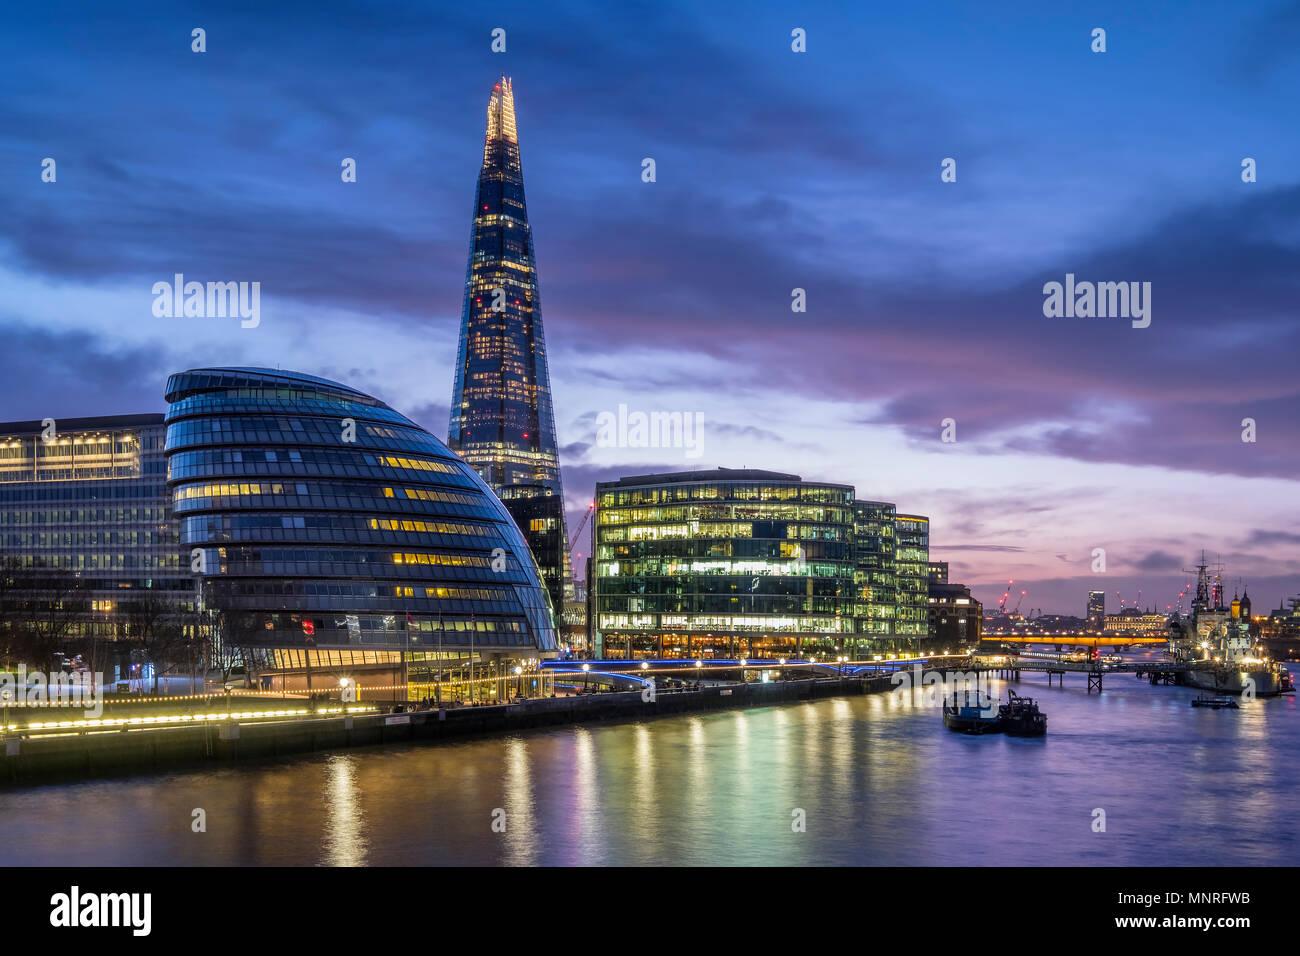 El City Hall, el Shard y el río Támesis por la noche, Londres, Inglaterra, Reino Unido. Foto de stock